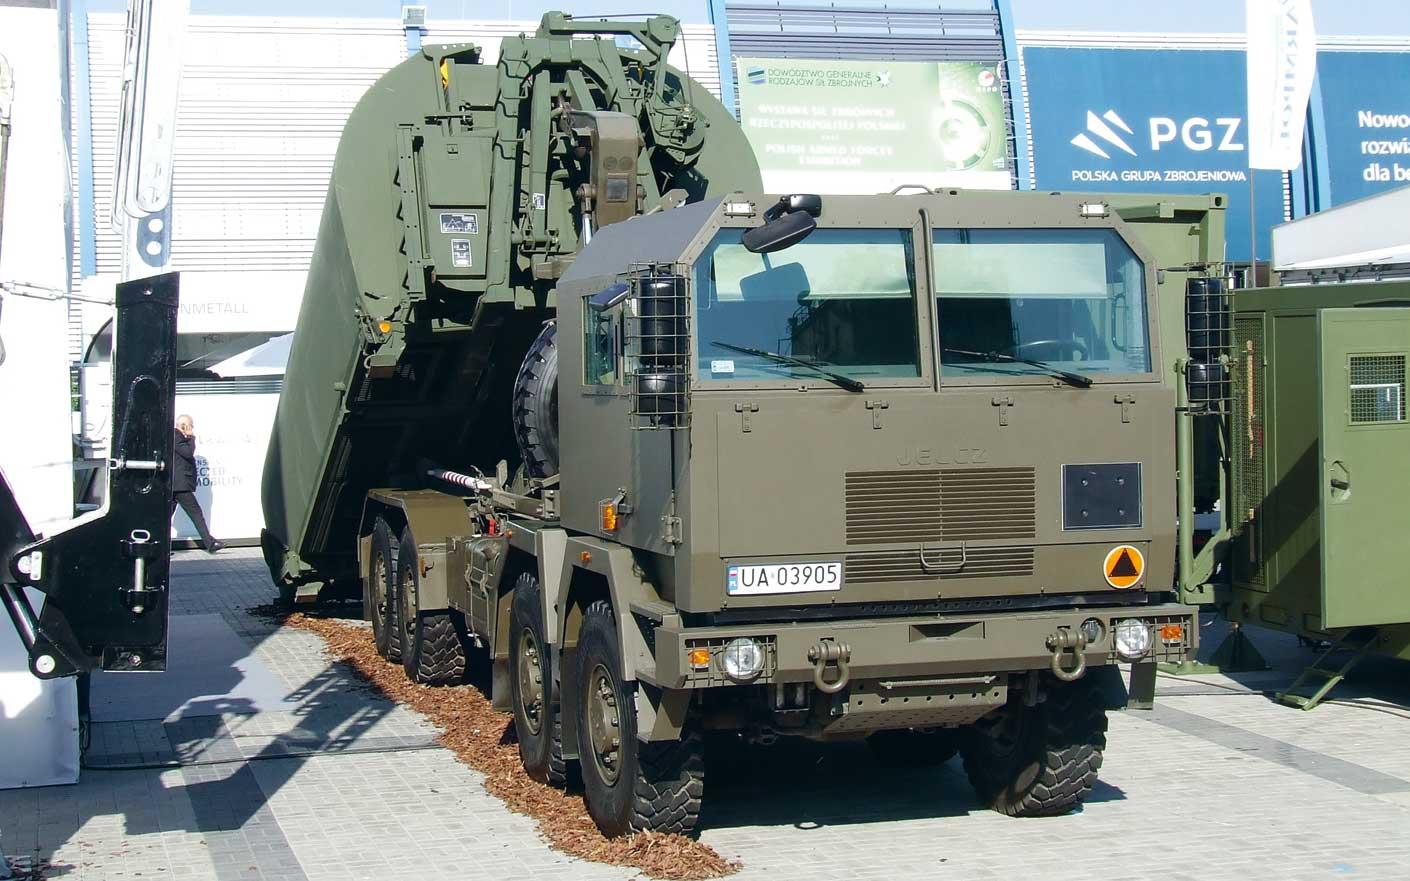 Dostawy pojazdów użytkowych. Jelcz 882.53 8×8 z hakowym systemem załadowczym Multilift Mk IV i elementami składowymi mostu pontonowego IRB/PL koncernu General Dynamics European Land Systems, z platformą nośną Cargotec.